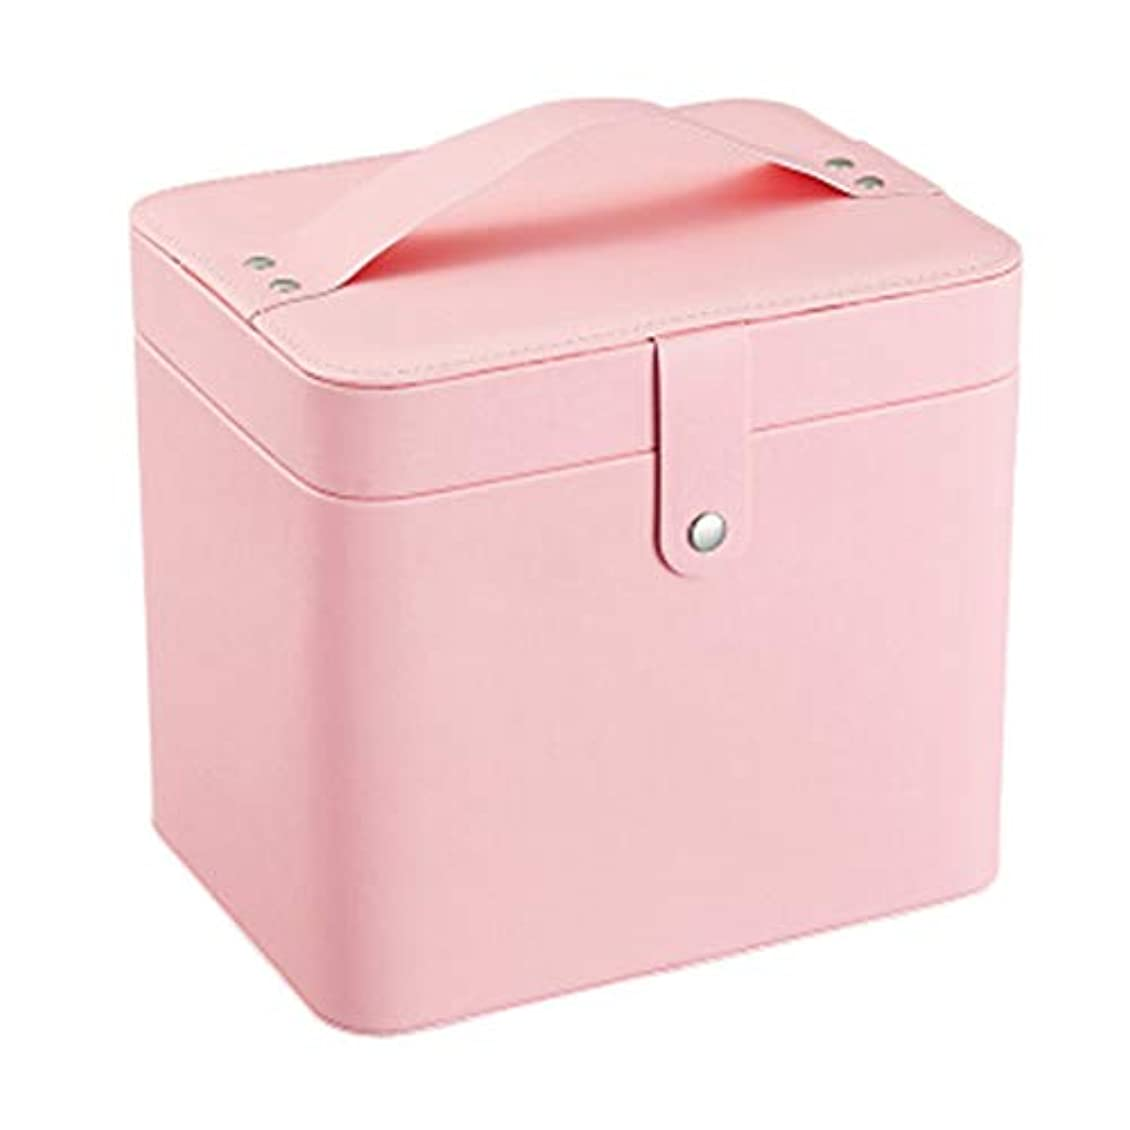 放棄された不十分なリゾート化粧オーガナイザーバッグ 化粧鏡で小さなものの種類の旅行のための美容メイクアップのためのピンクのポータブル化粧品バッグ 化粧品ケース